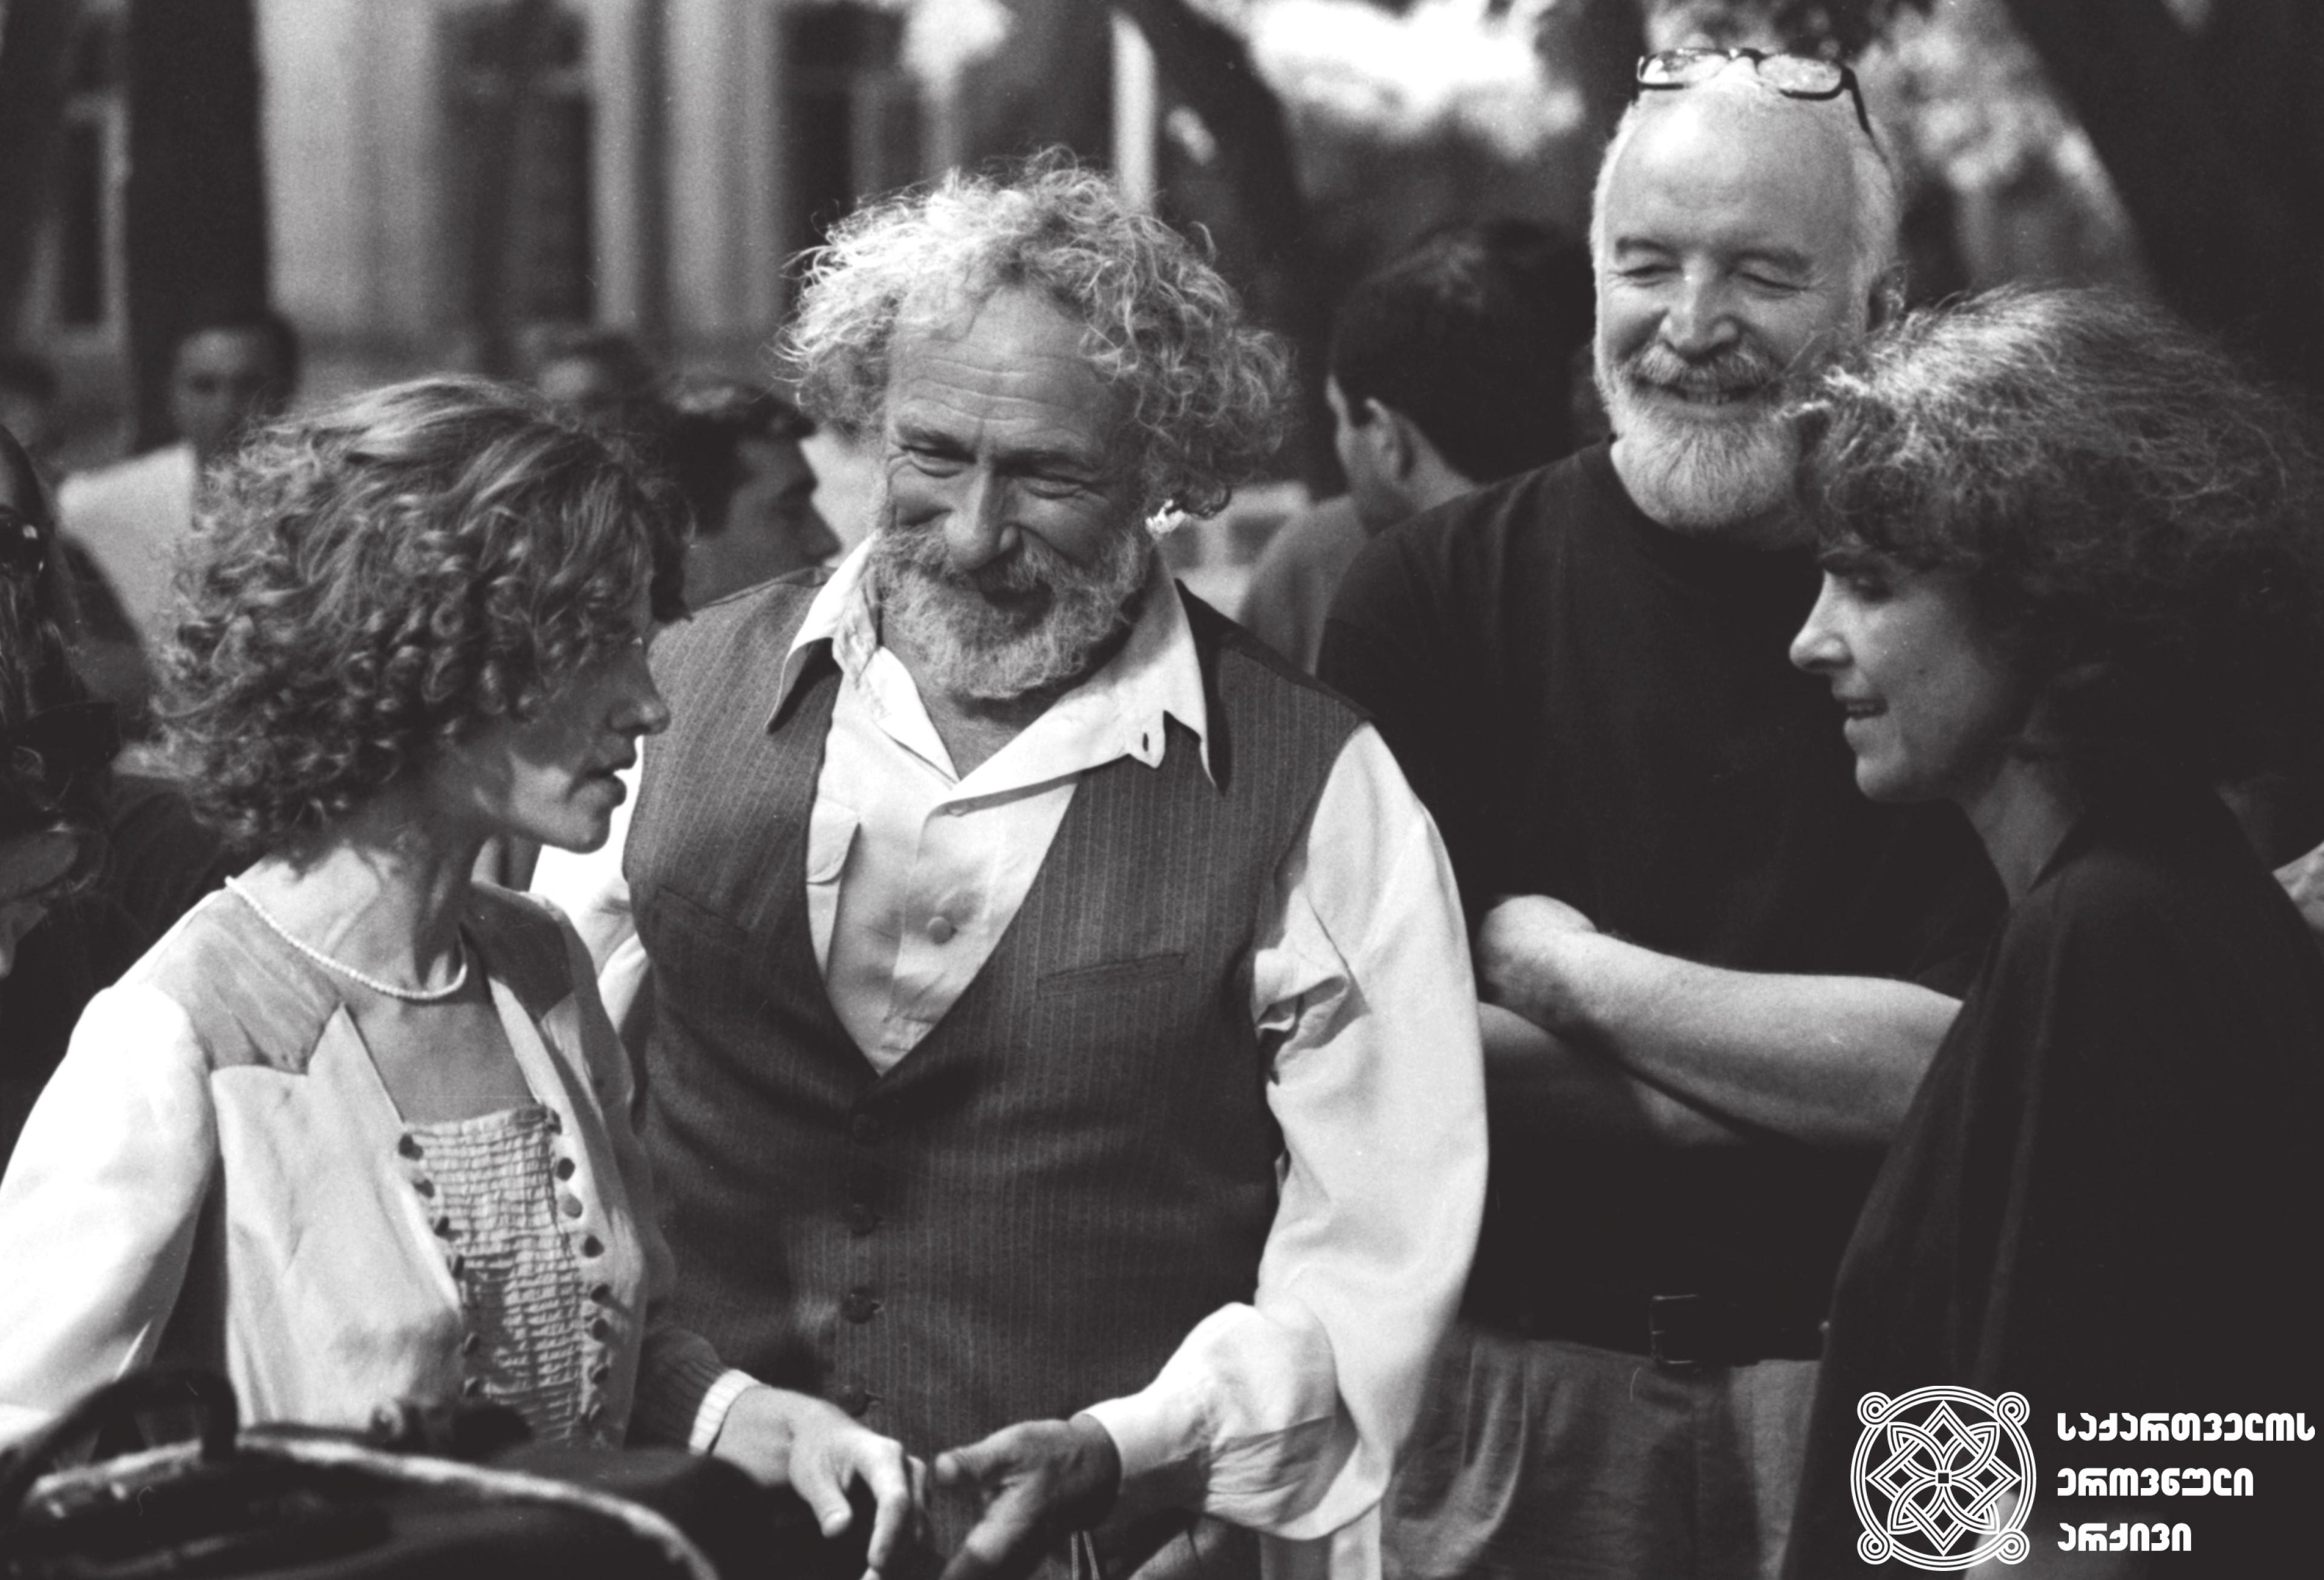 """მხატვრული ფილმი """"შეყვარებული კულინარის 1001 რეცეპტი"""", რეჟისორი ნანა ჯორჯაძე და მსახიობები: პიერ რიშარი და ნინო კირთაძე გადასაღებ მოედანზე.  <br>1996  <br> Feature film """"A Chef in Love"""", director Nana Jorjadze, actors: Pierre Richard and Nino Kirtadze on the filming location.  <br> 1996"""